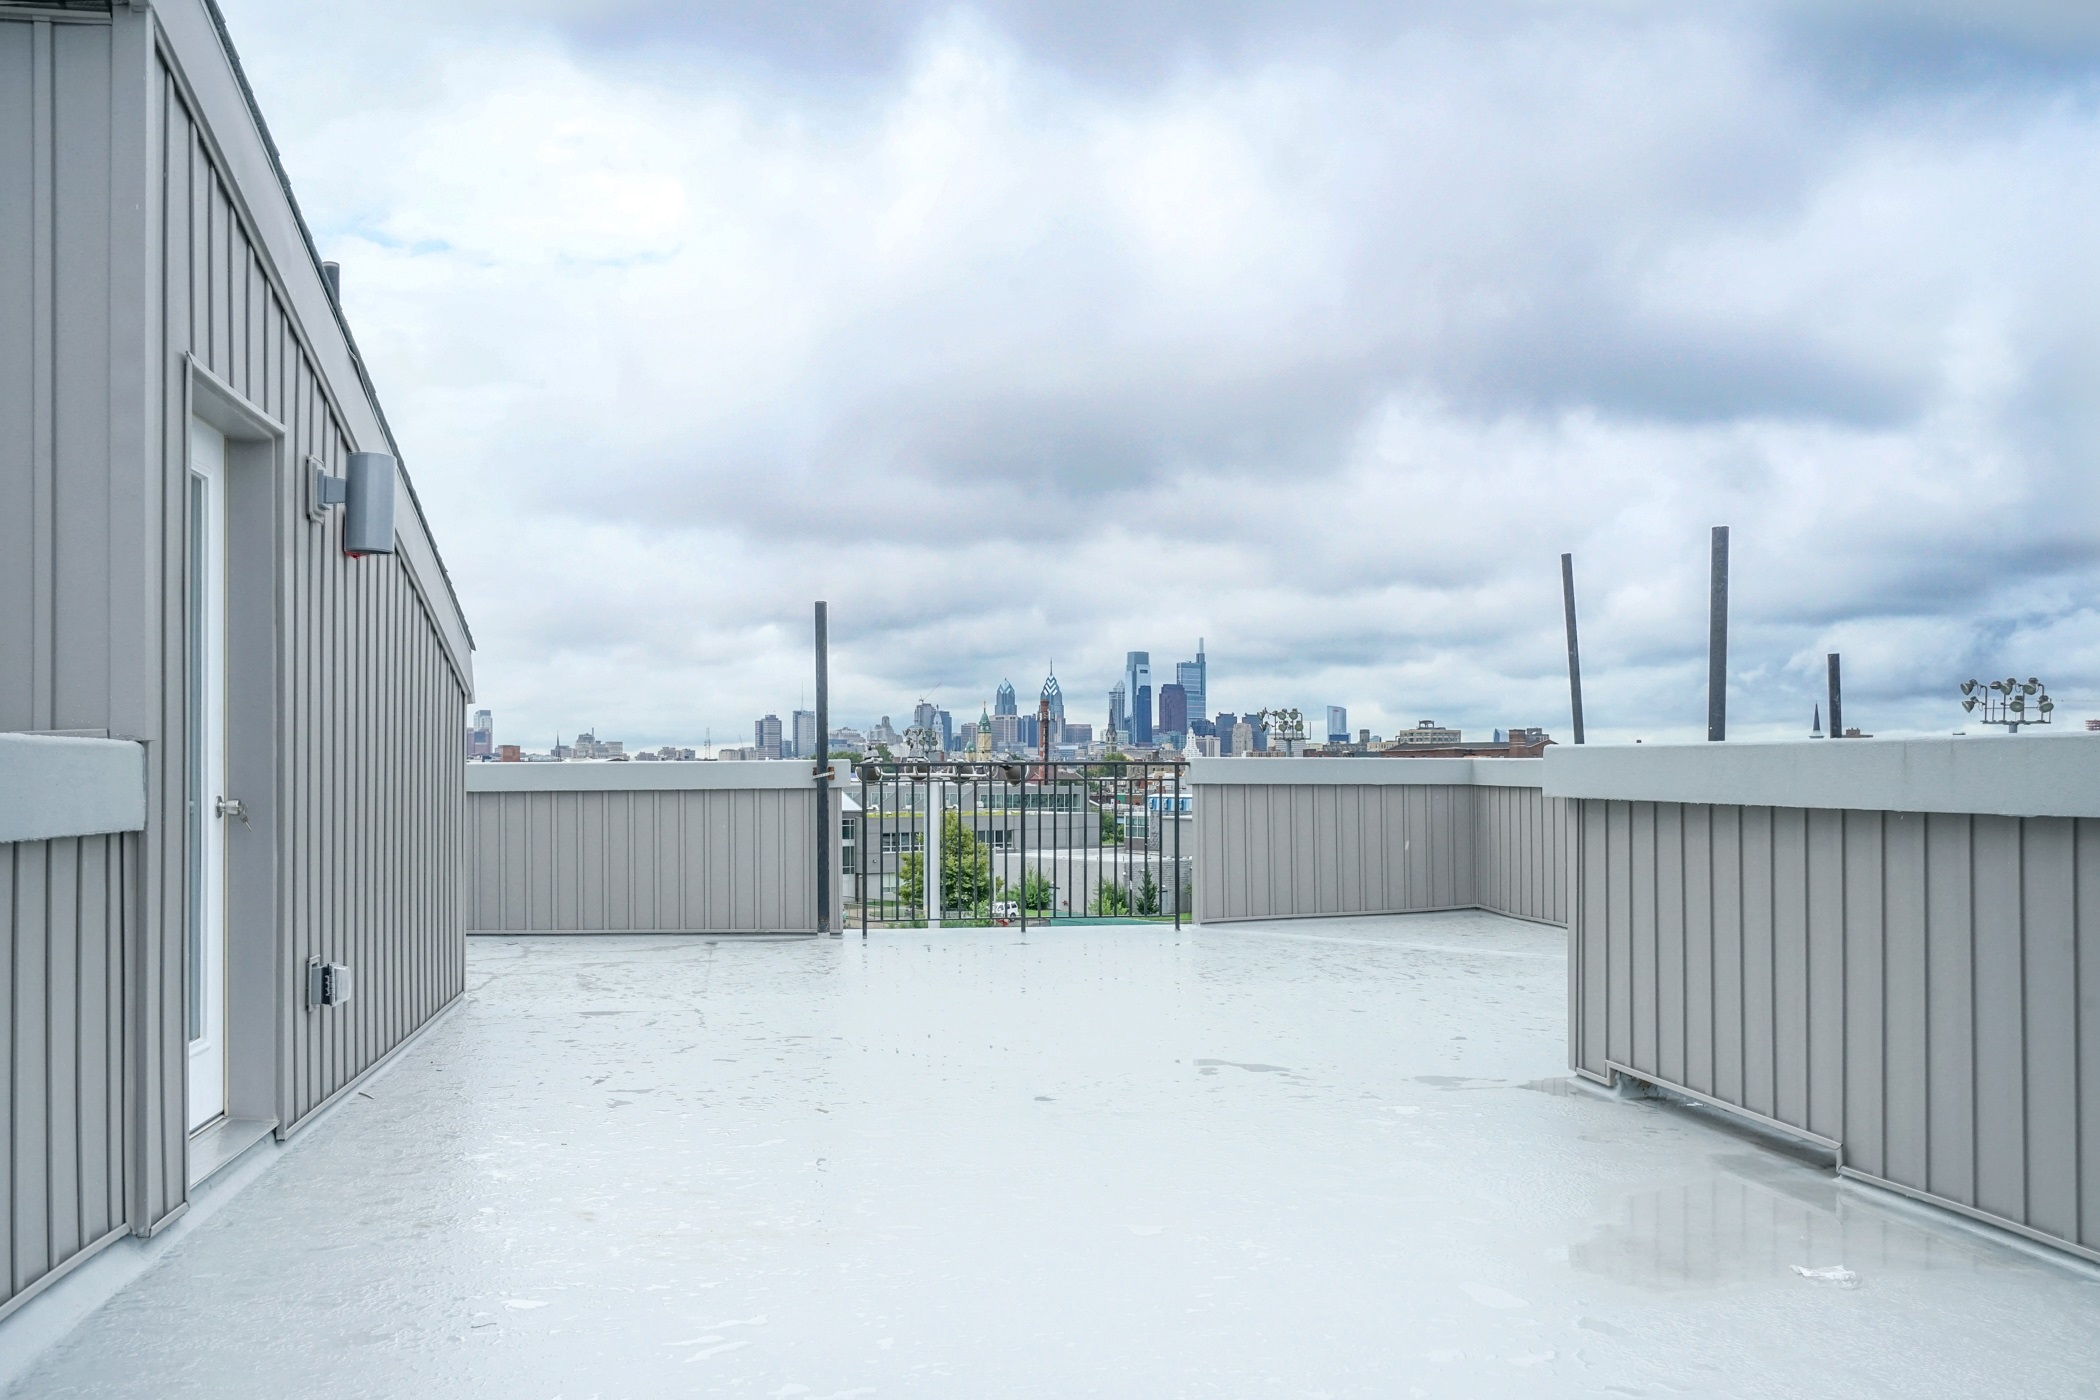 Norris Apt Rooftop View